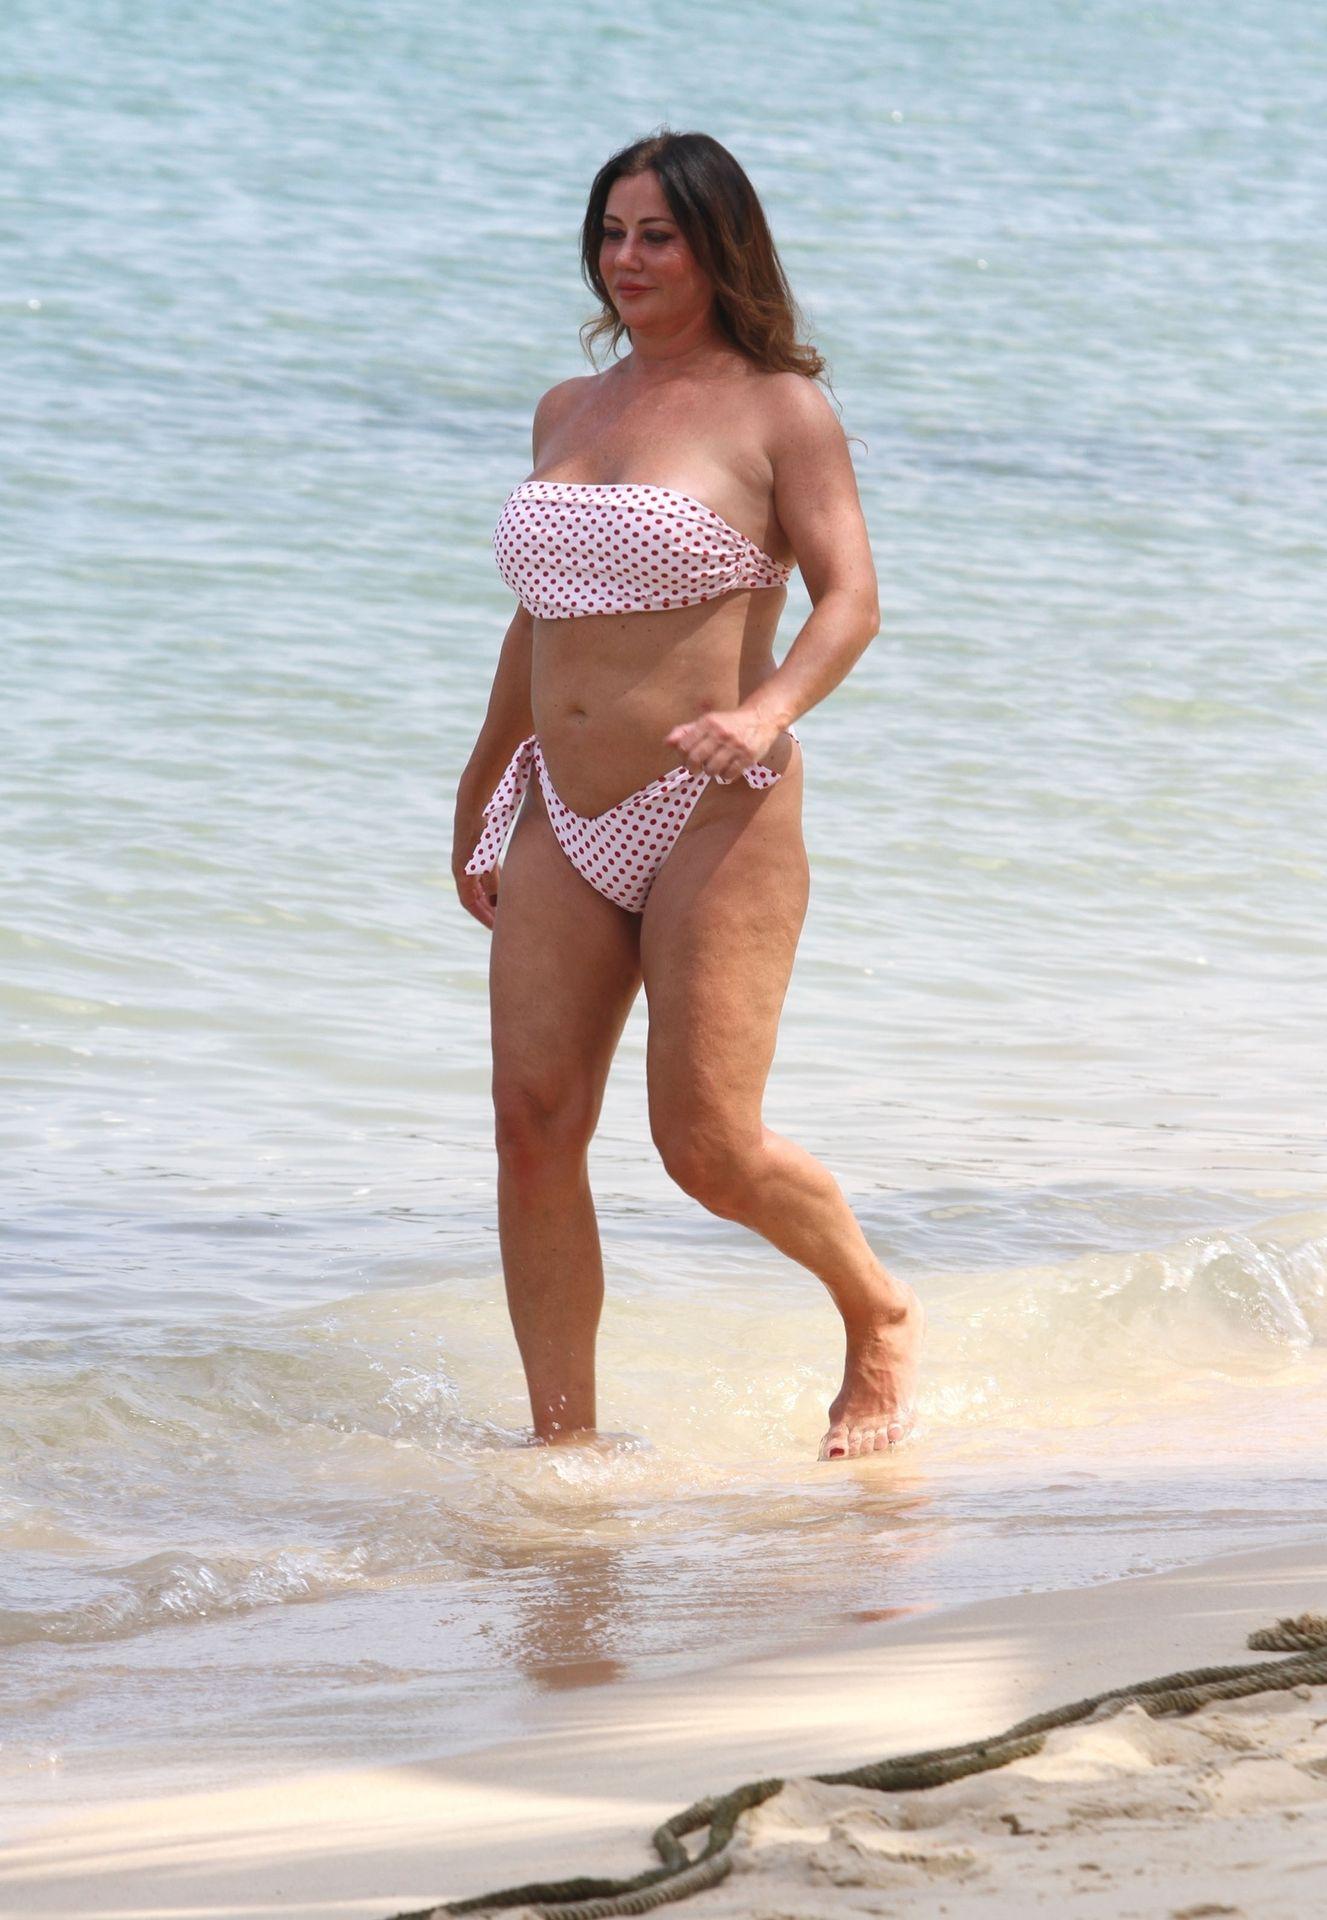 Lisa Appleton Hot & Topless 0037